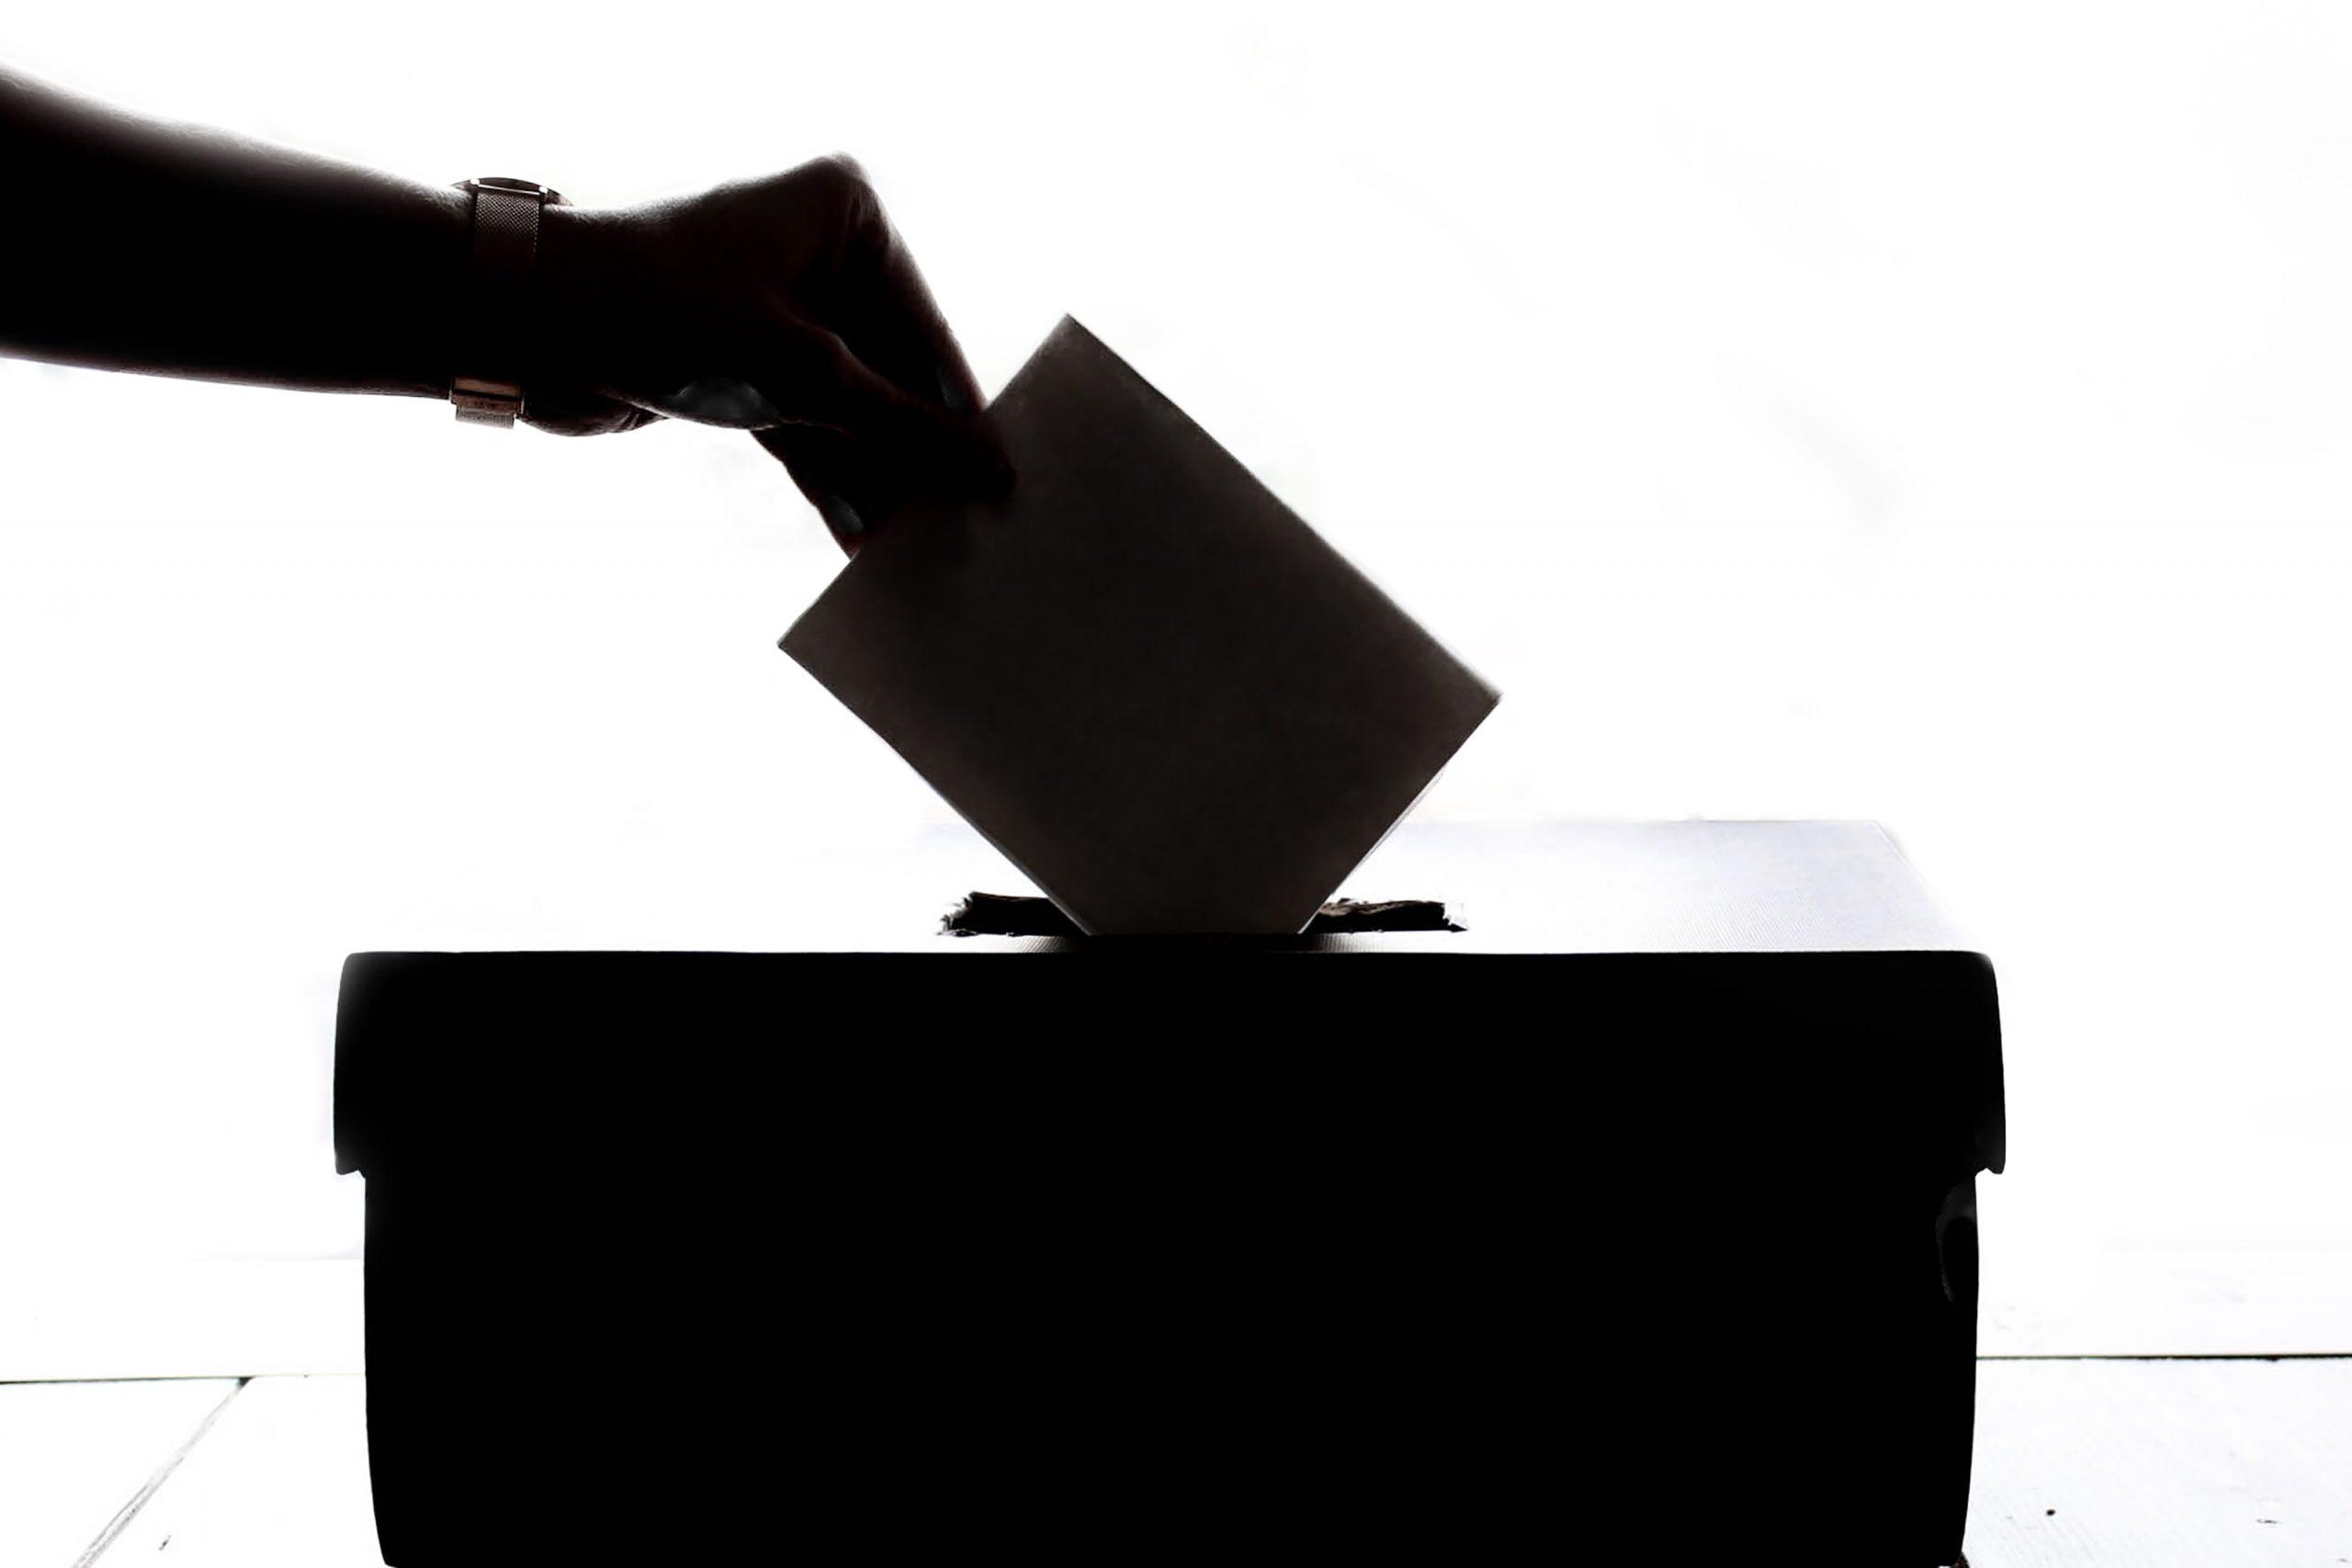 Il punto sulle elezioni secondo Nazione Futura